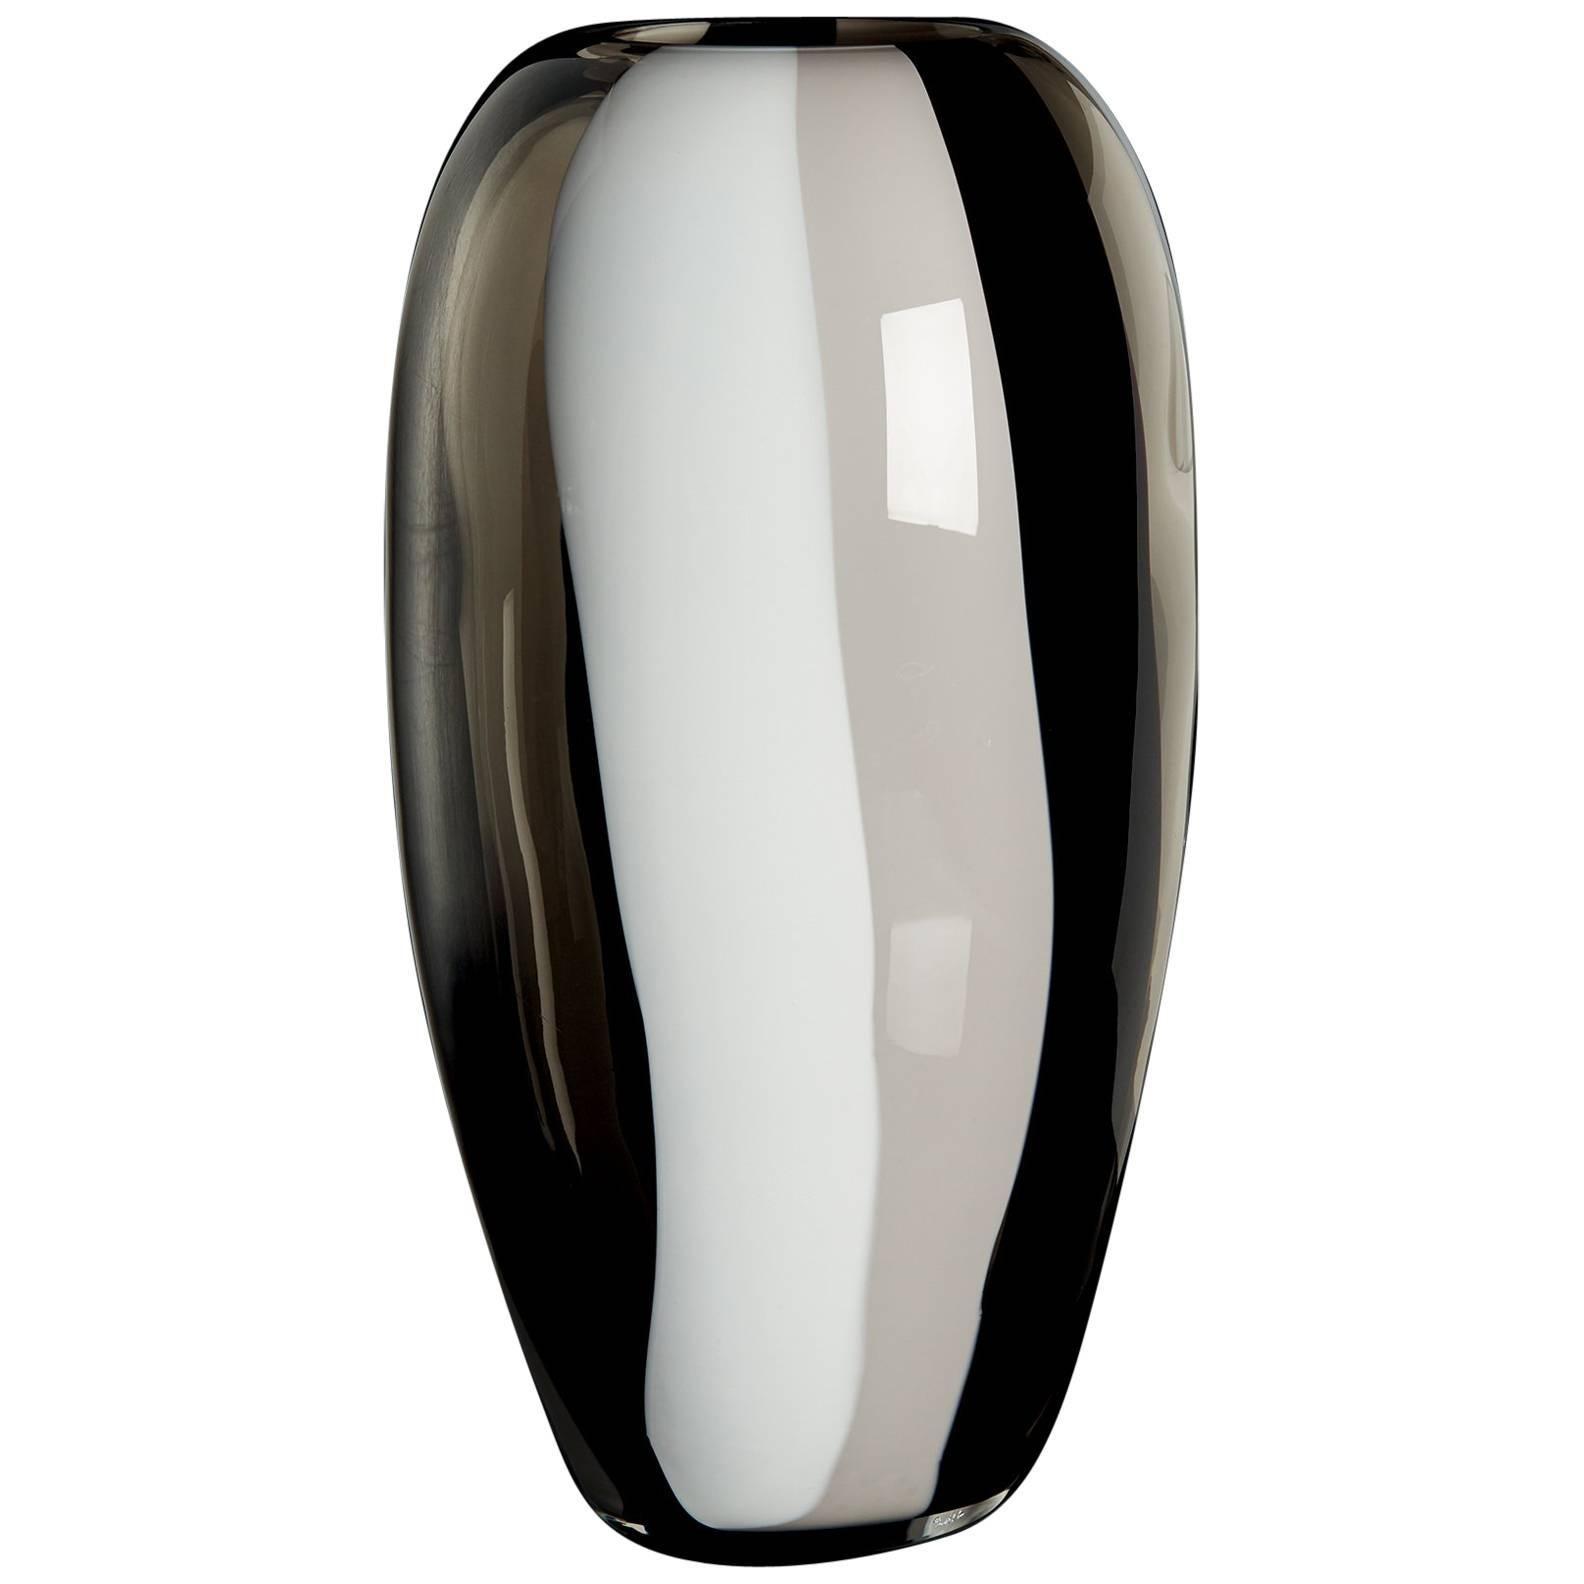 Ogiva Carlo Moretti Contemporary Mouth Blown Murano Glass Vase